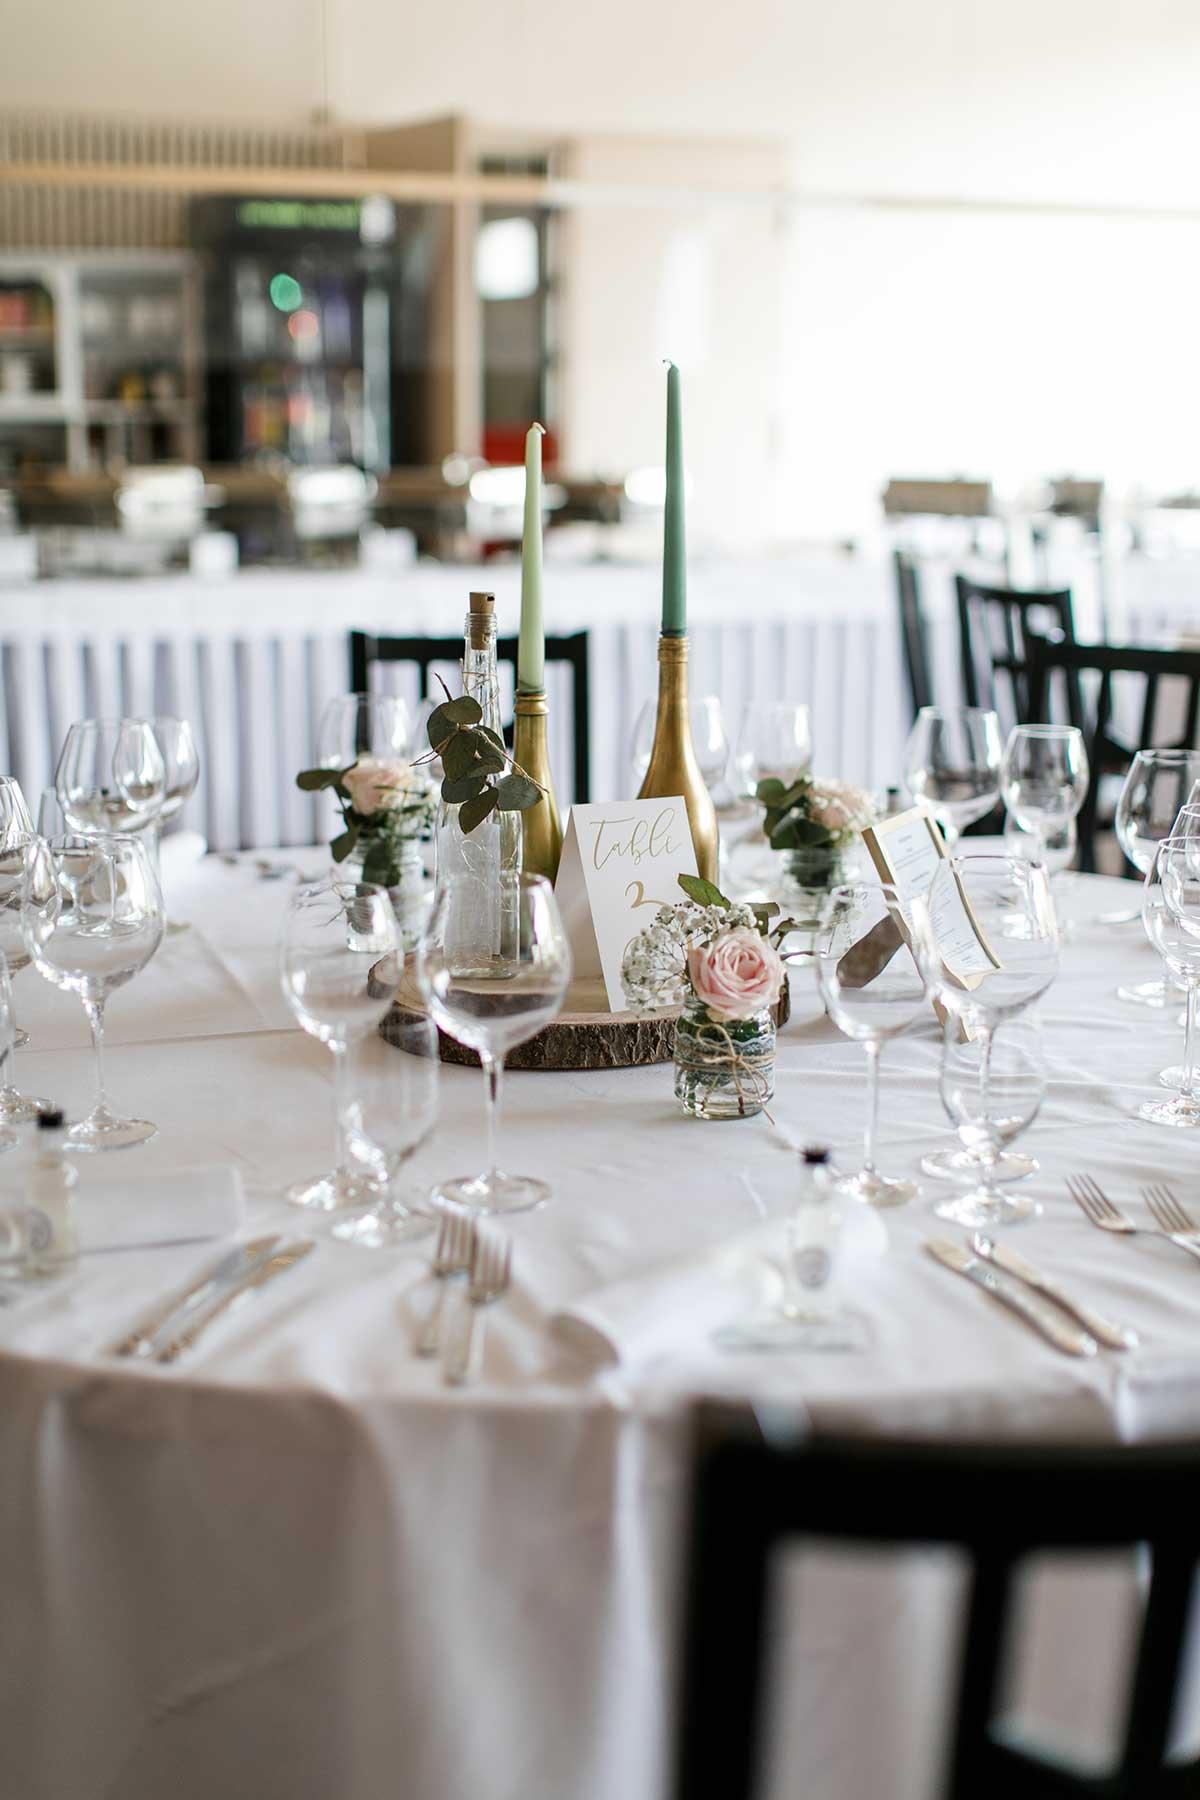 Tischdeko bei der Hochzeit mit Holzscheibe auf Villa Hof Langenborn